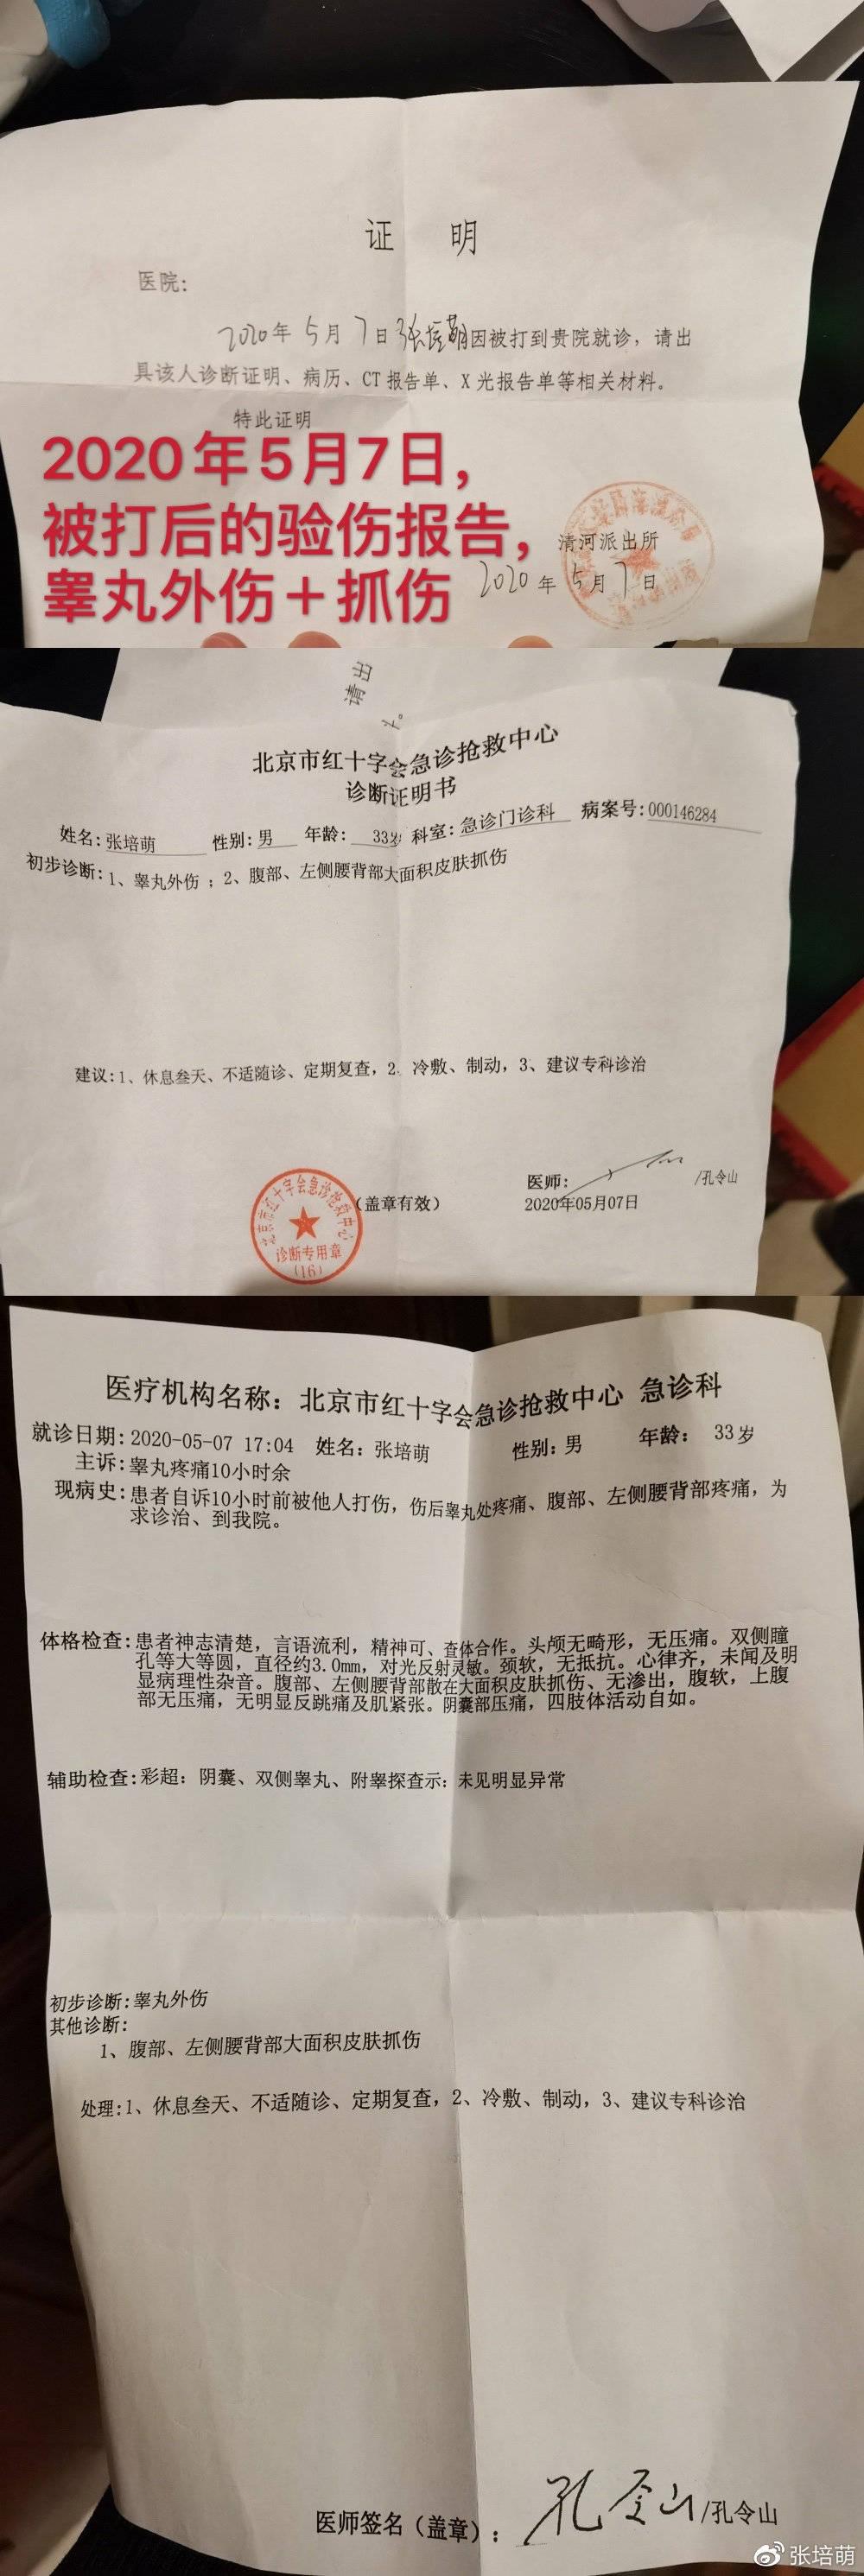 张培萌自曝被妻抓伤睾丸扔菜刀 婚前曾被提醒别做接盘侠